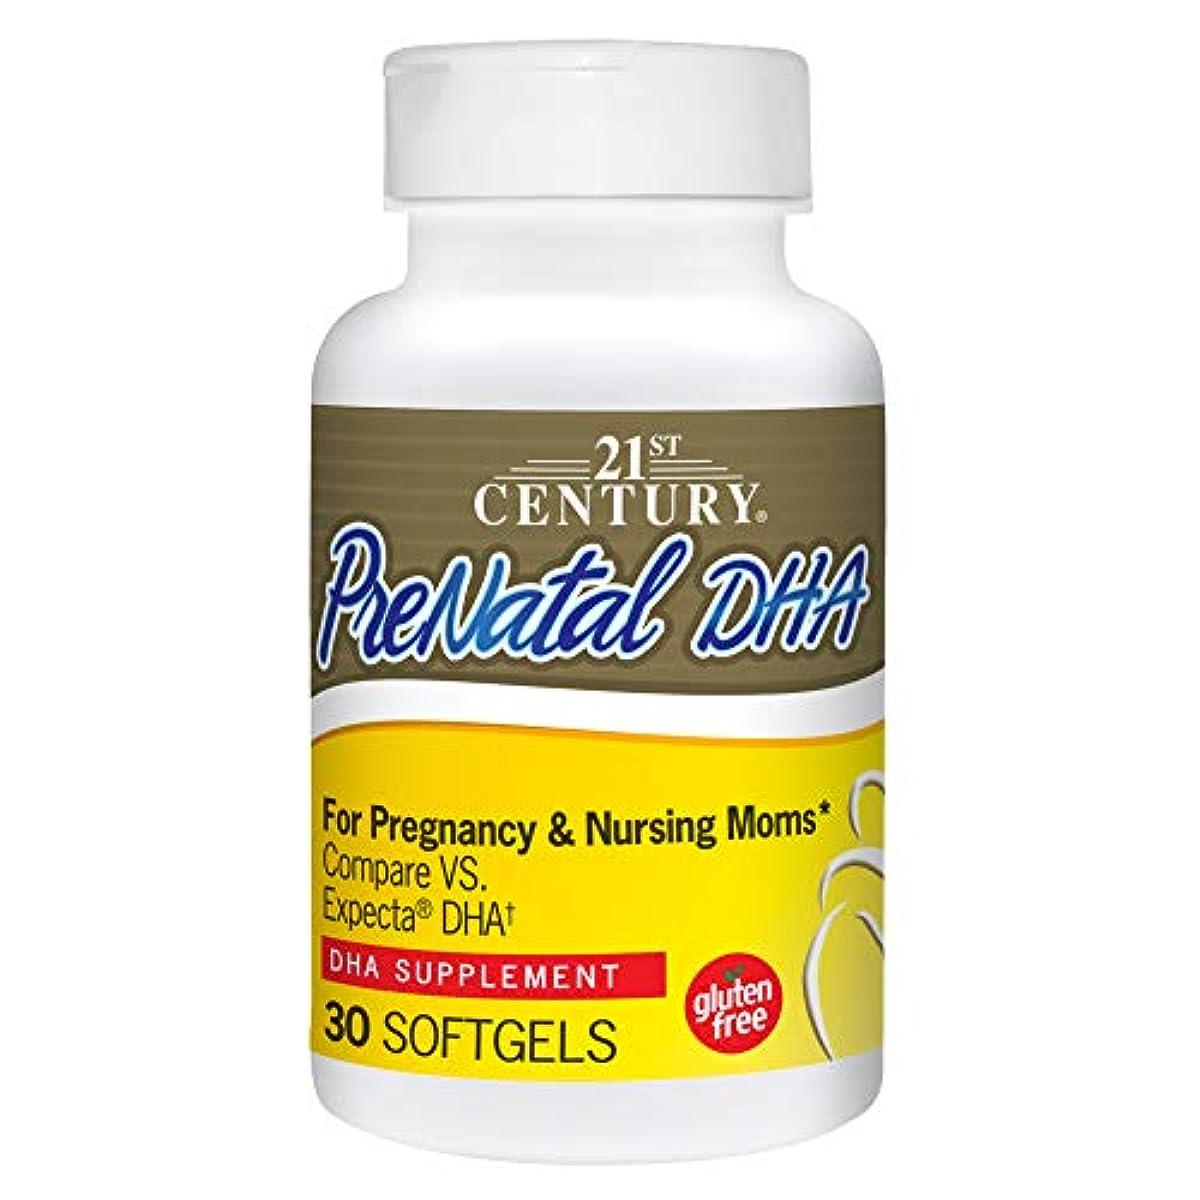 報酬傷つけるパズル妊婦用 PreNatal DHA 出生前DHA30ソフトジェル (パラレル入力品)と妊婦(海外カラの直送品)PreNatal DHA 30 Softgels